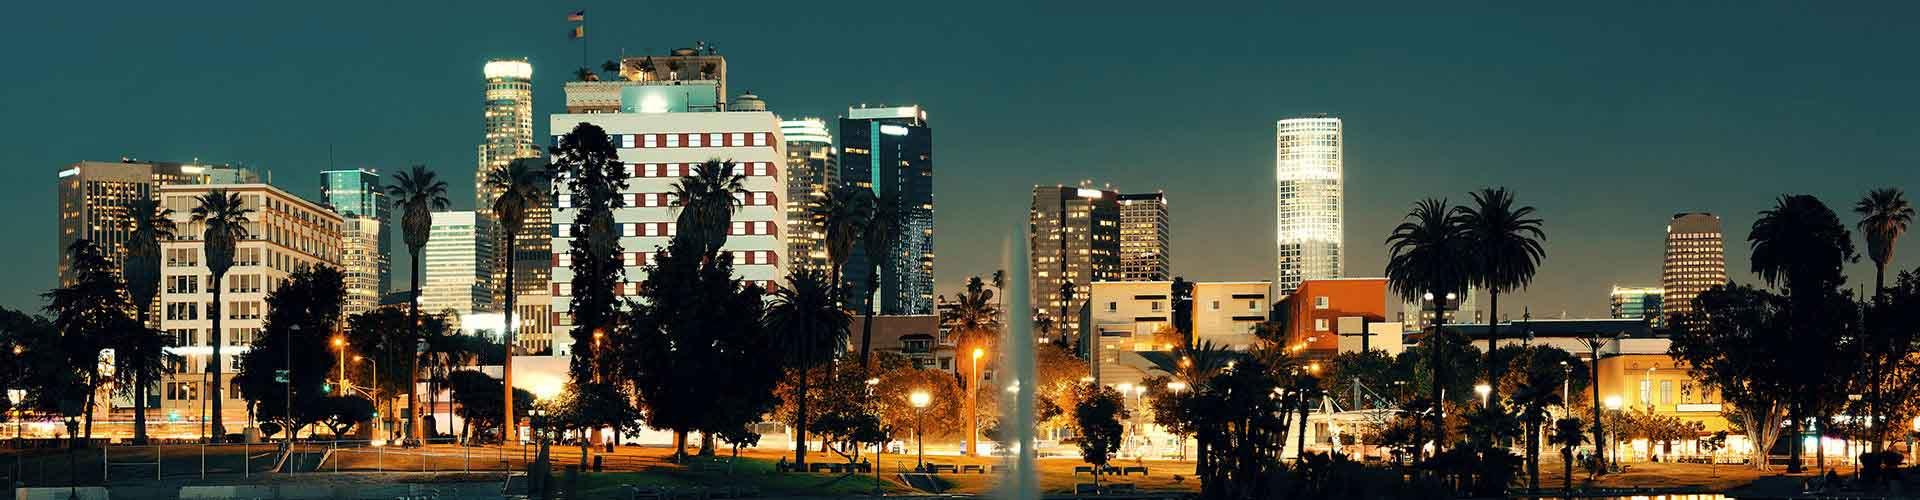 洛杉矶 – 好莱坞标志附近的公寓。洛杉矶地图,洛杉矶每间公寓的照片和评价。